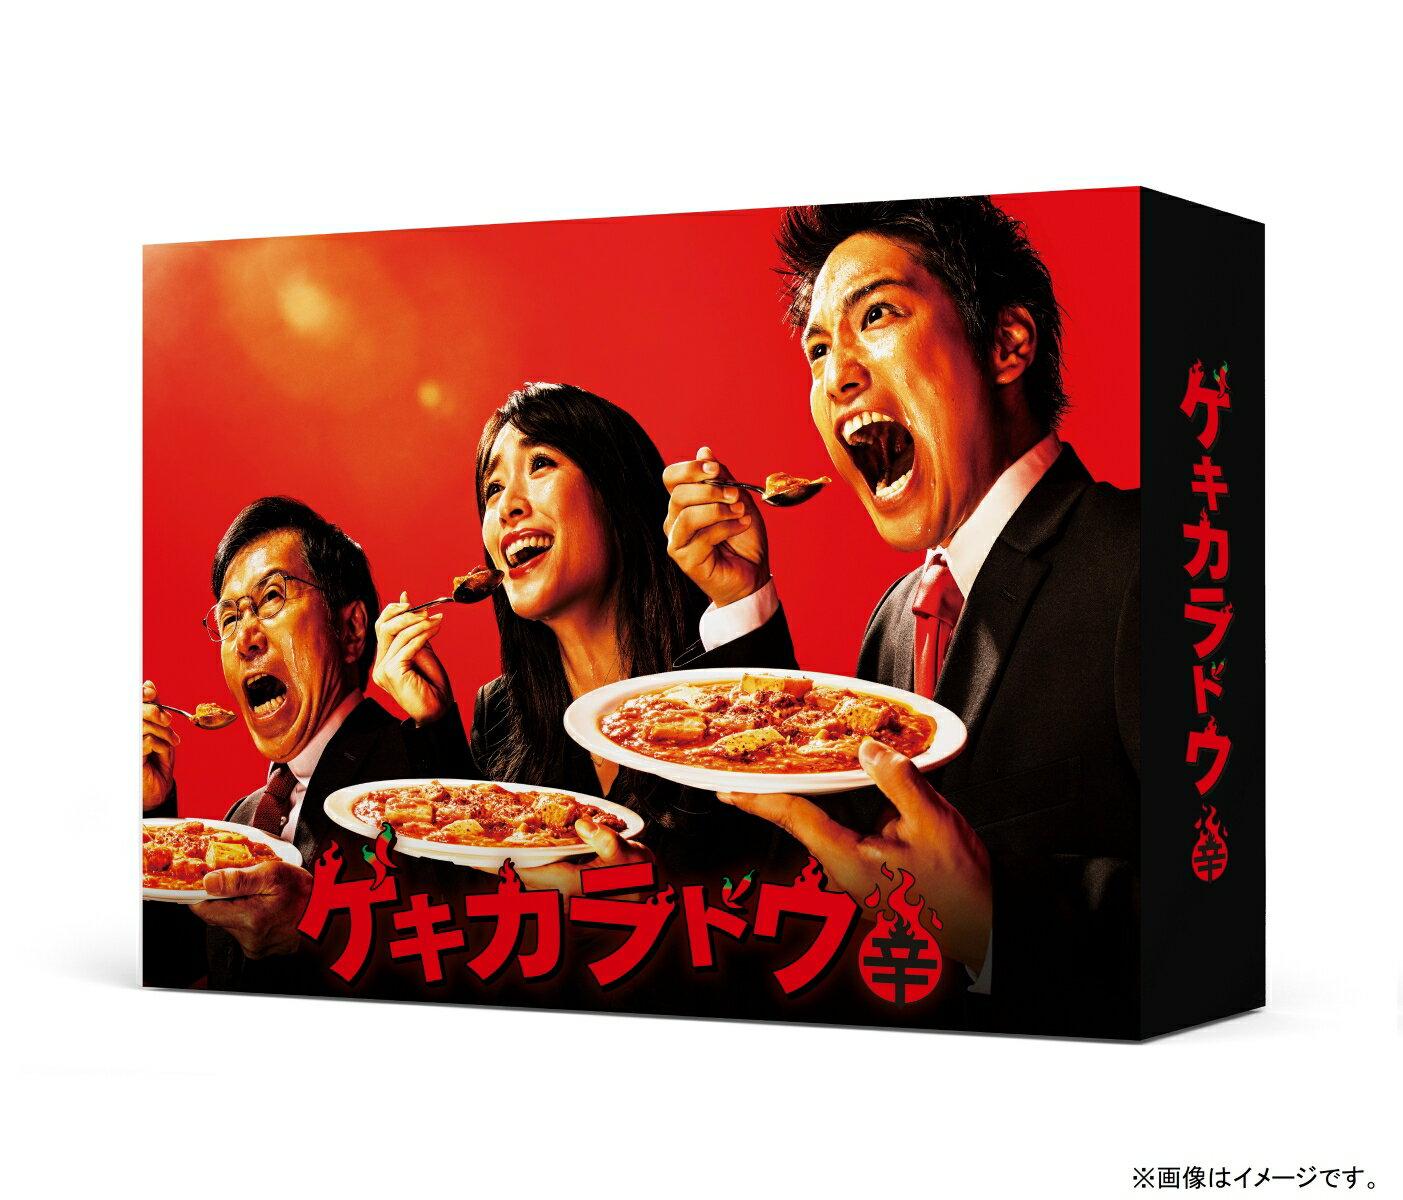 ゲキカラドウBlu-ray BOX(5枚組)【Blu-ray】